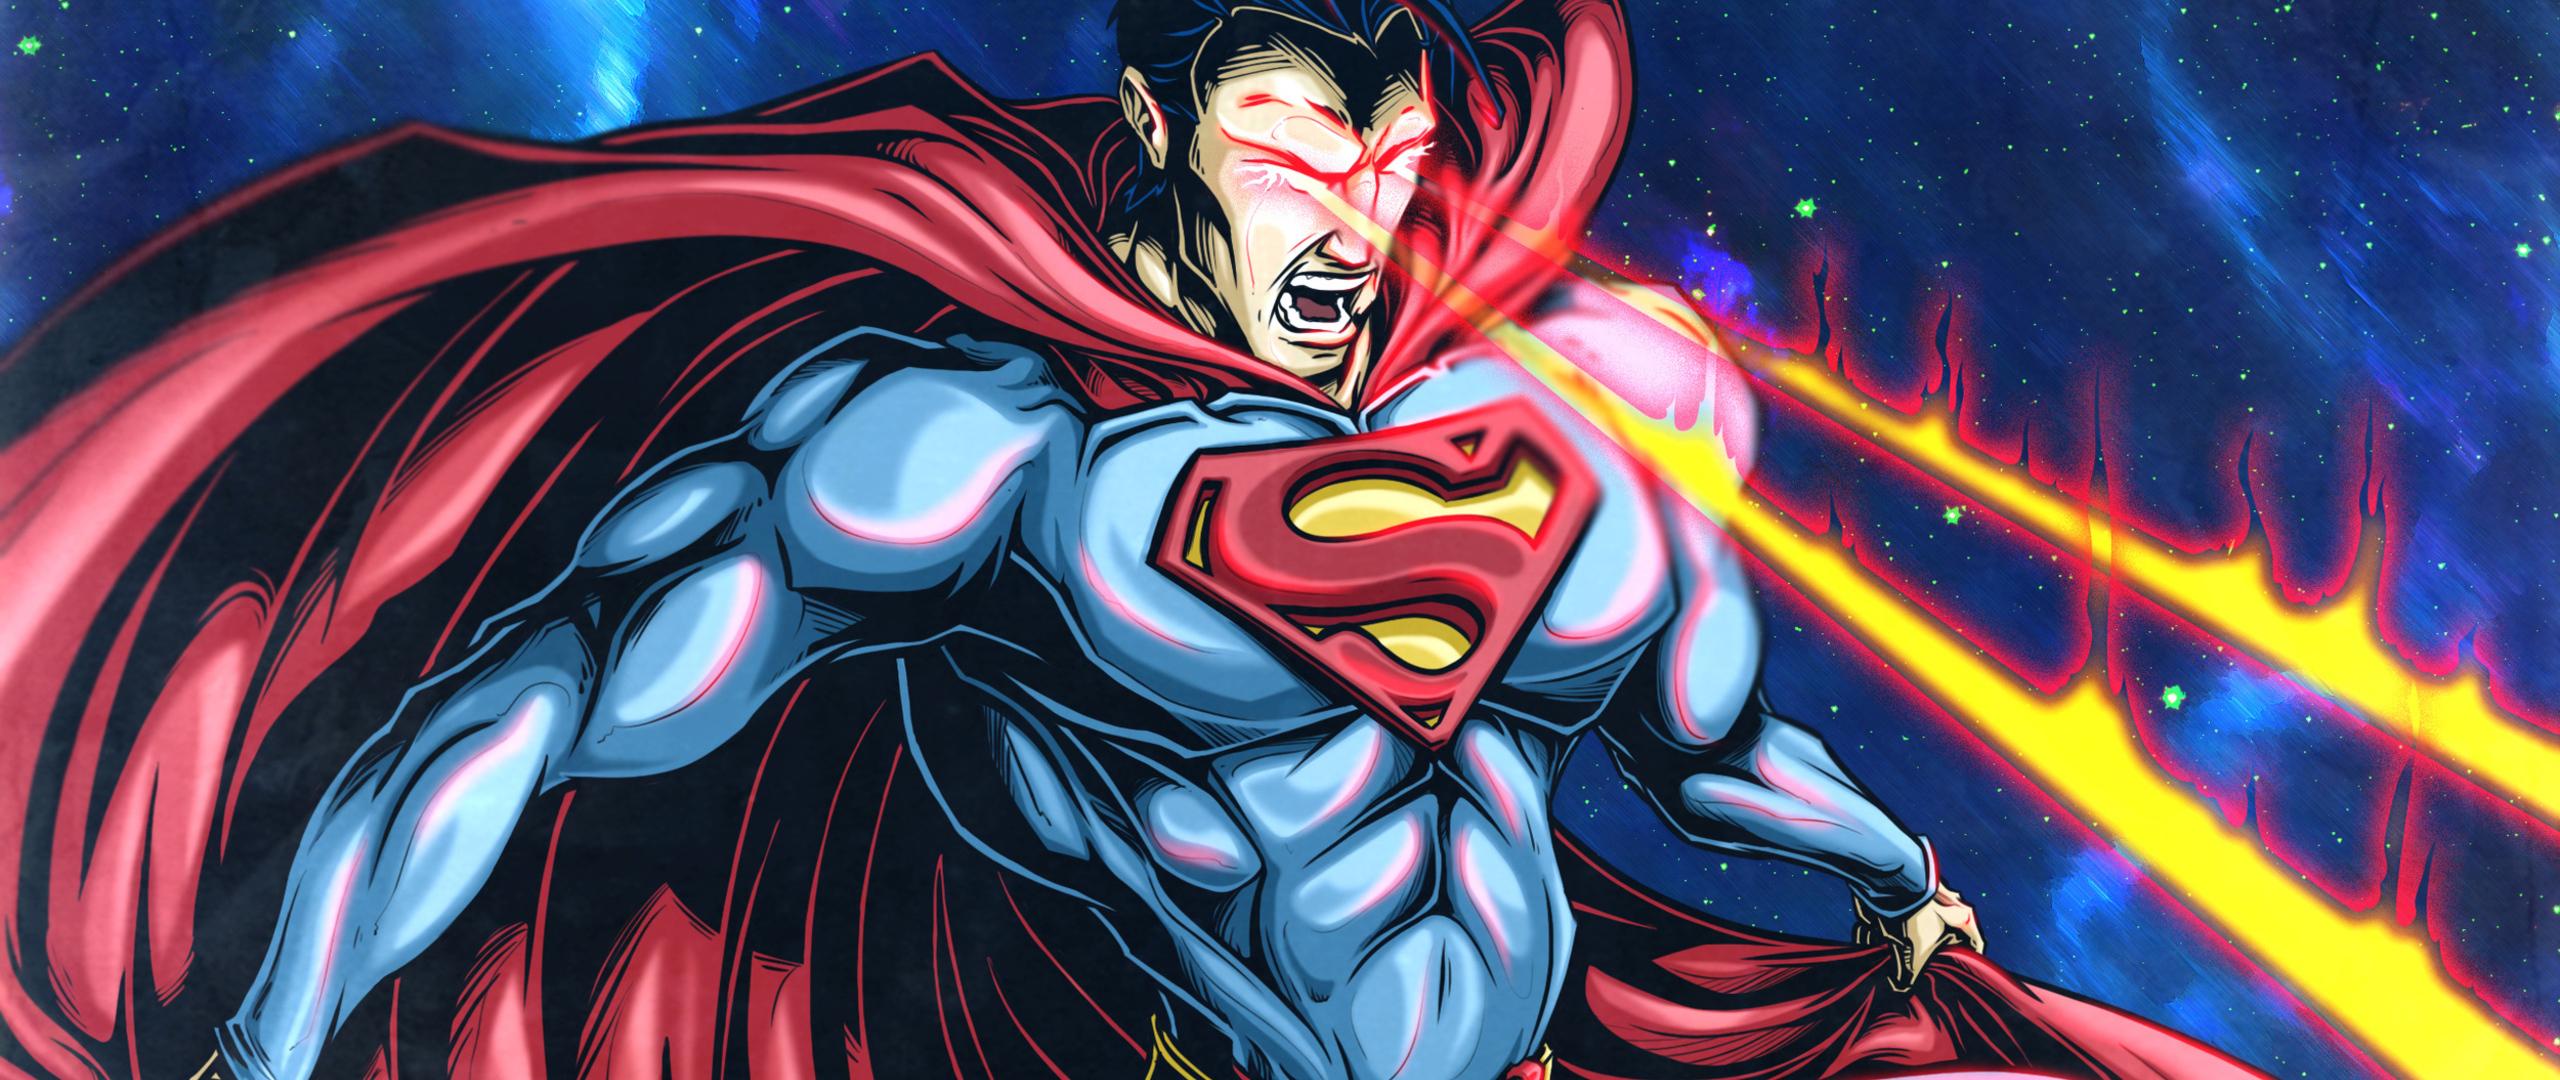 superman-laser-eye-0e.jpg